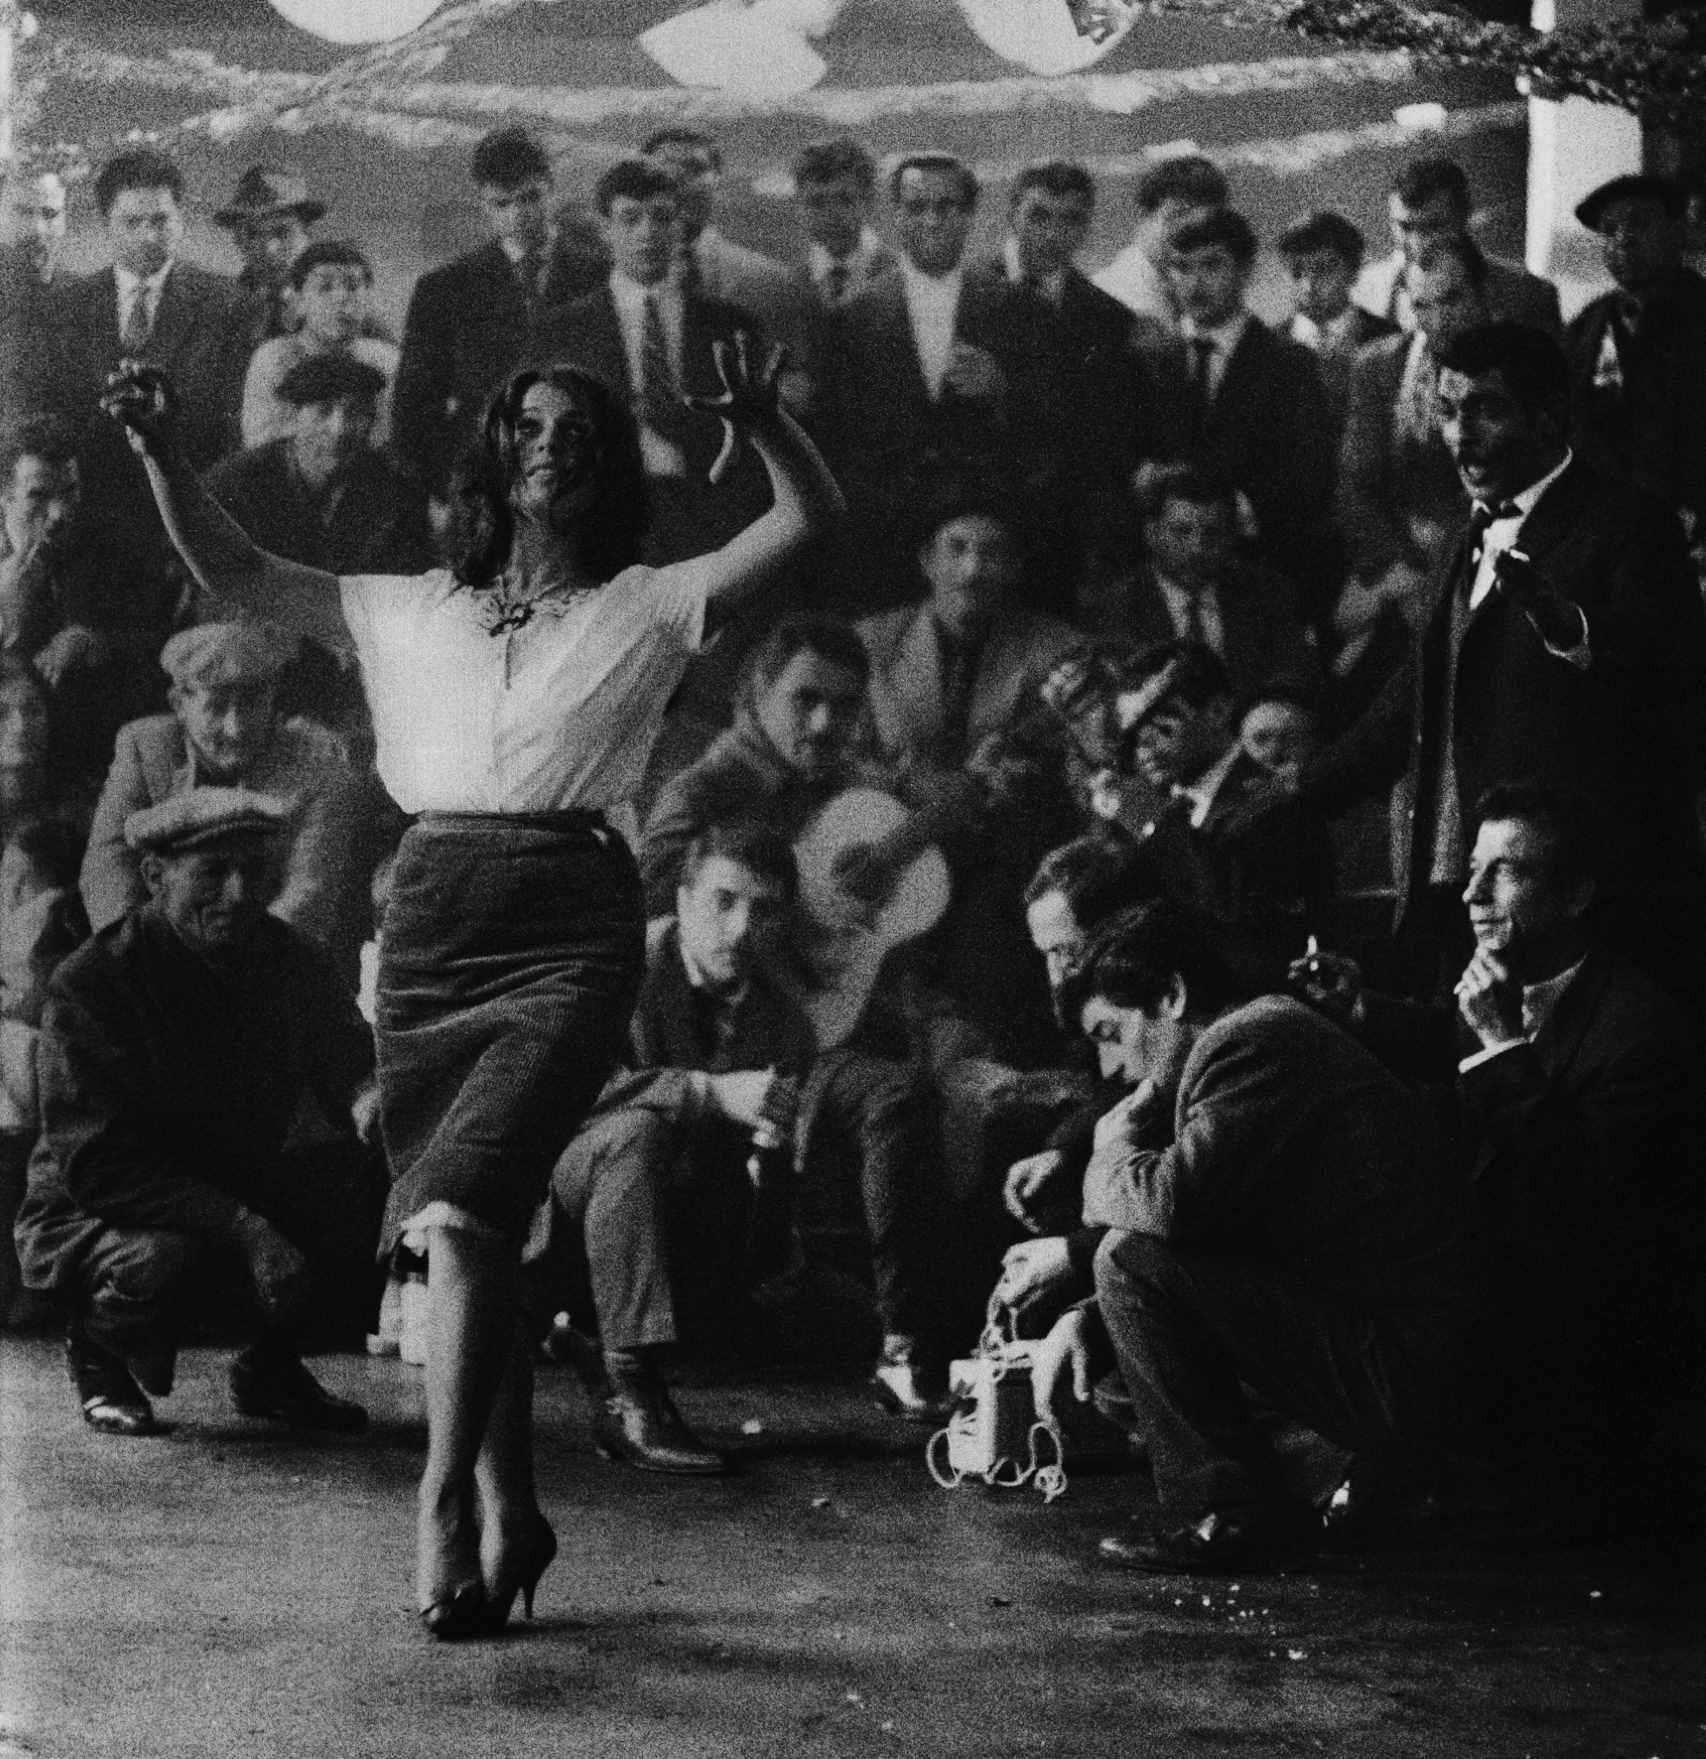 Con 19 años, Lucien Clergue se atrevió a enseñar su trabajo a Pablo Picasso.